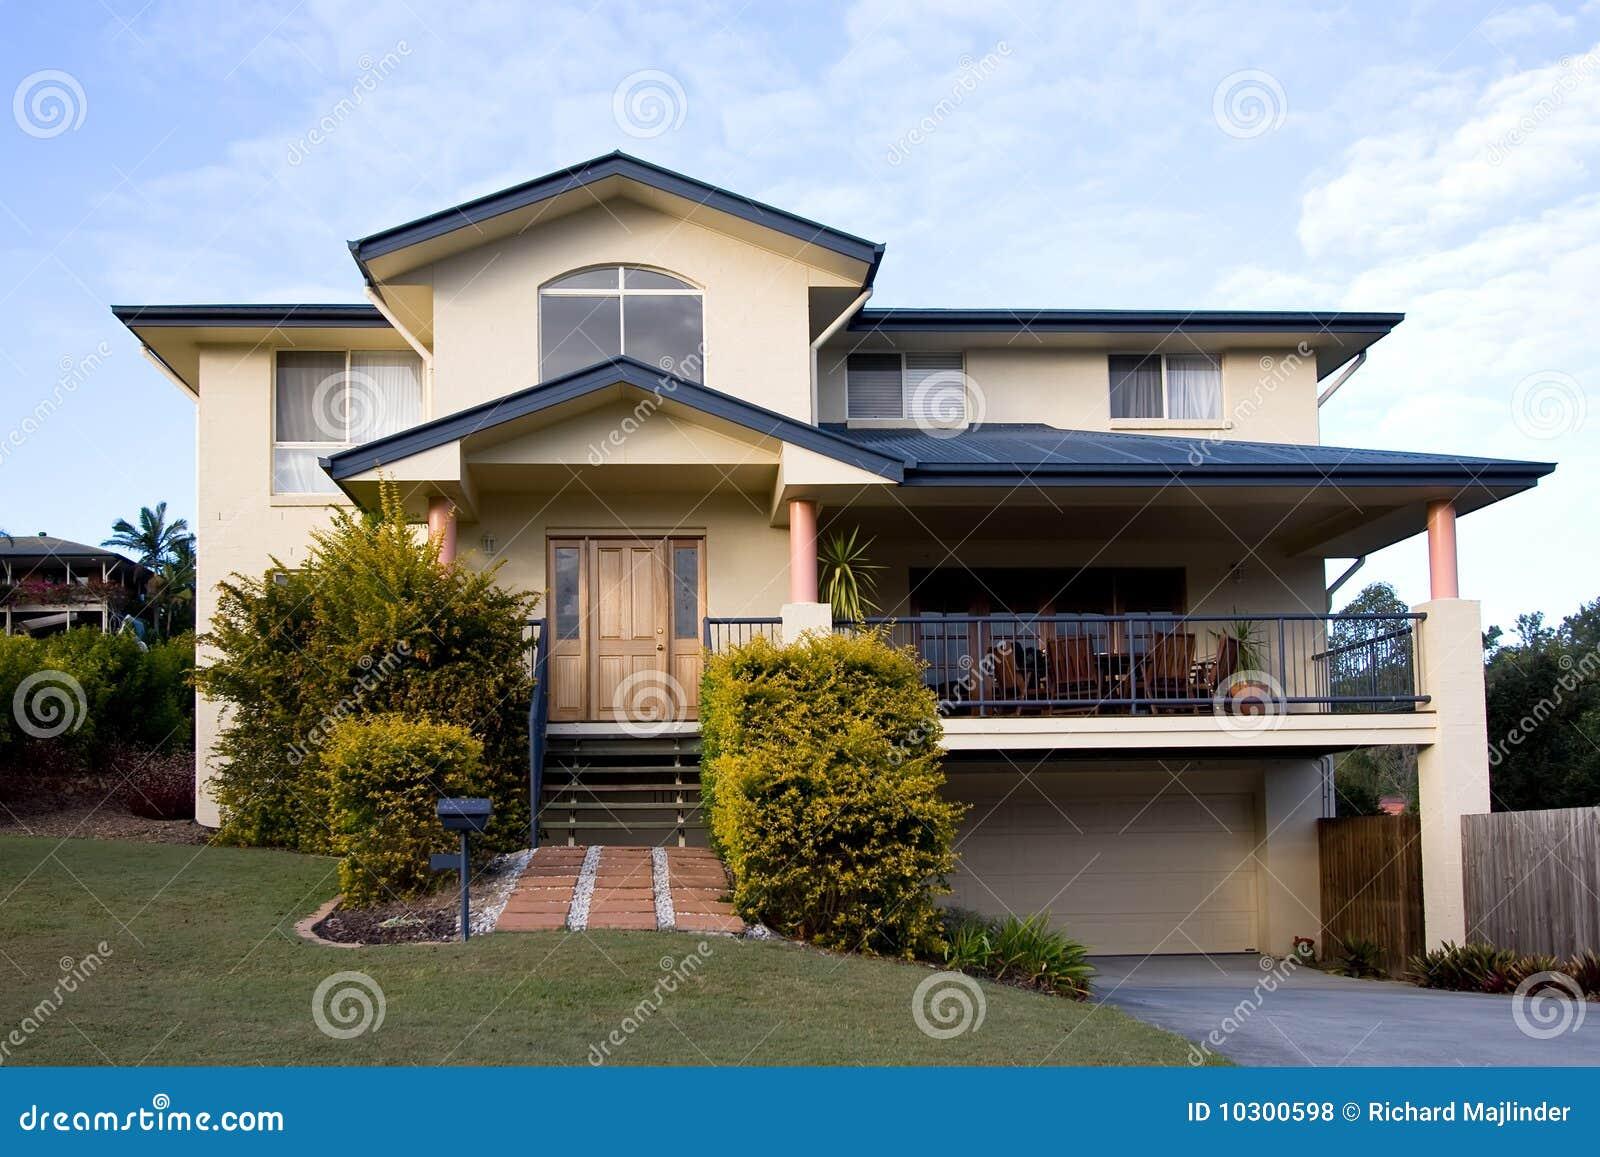 Modernes Haus Mit Zwei Geschossen Stockfoto - Bild von dach, wohn ...